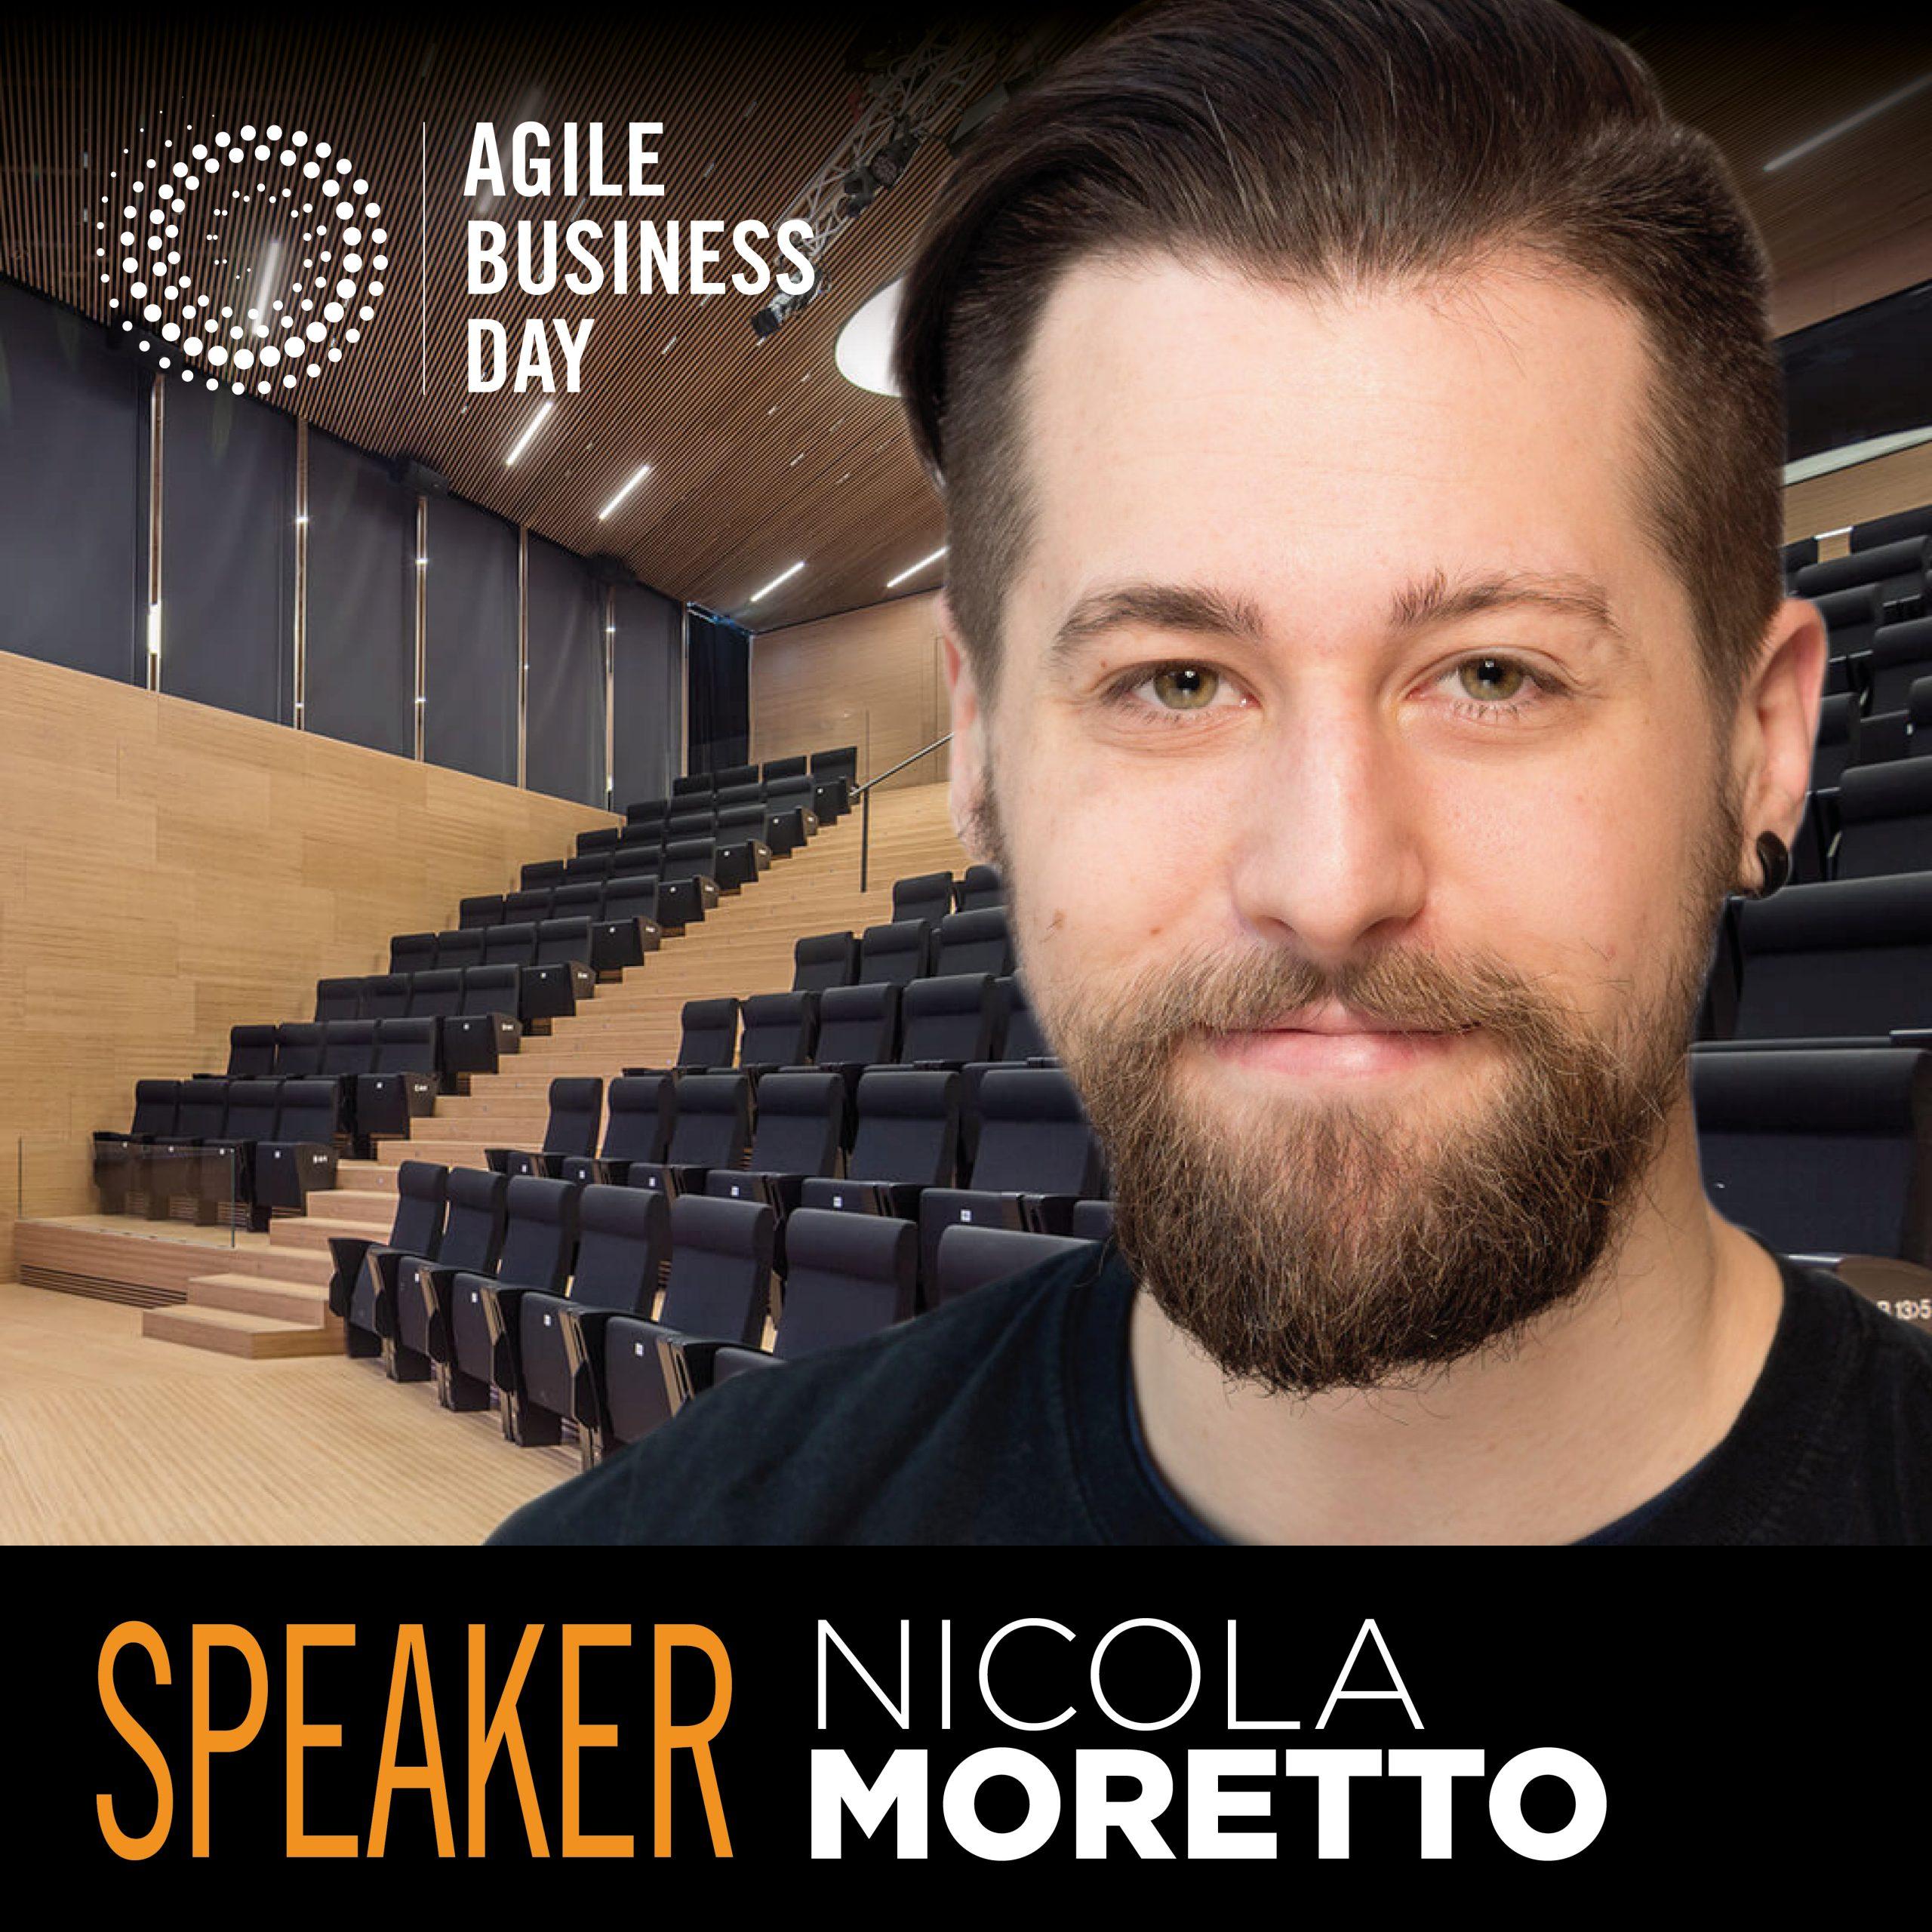 #ABD21 - Nicola Moretto